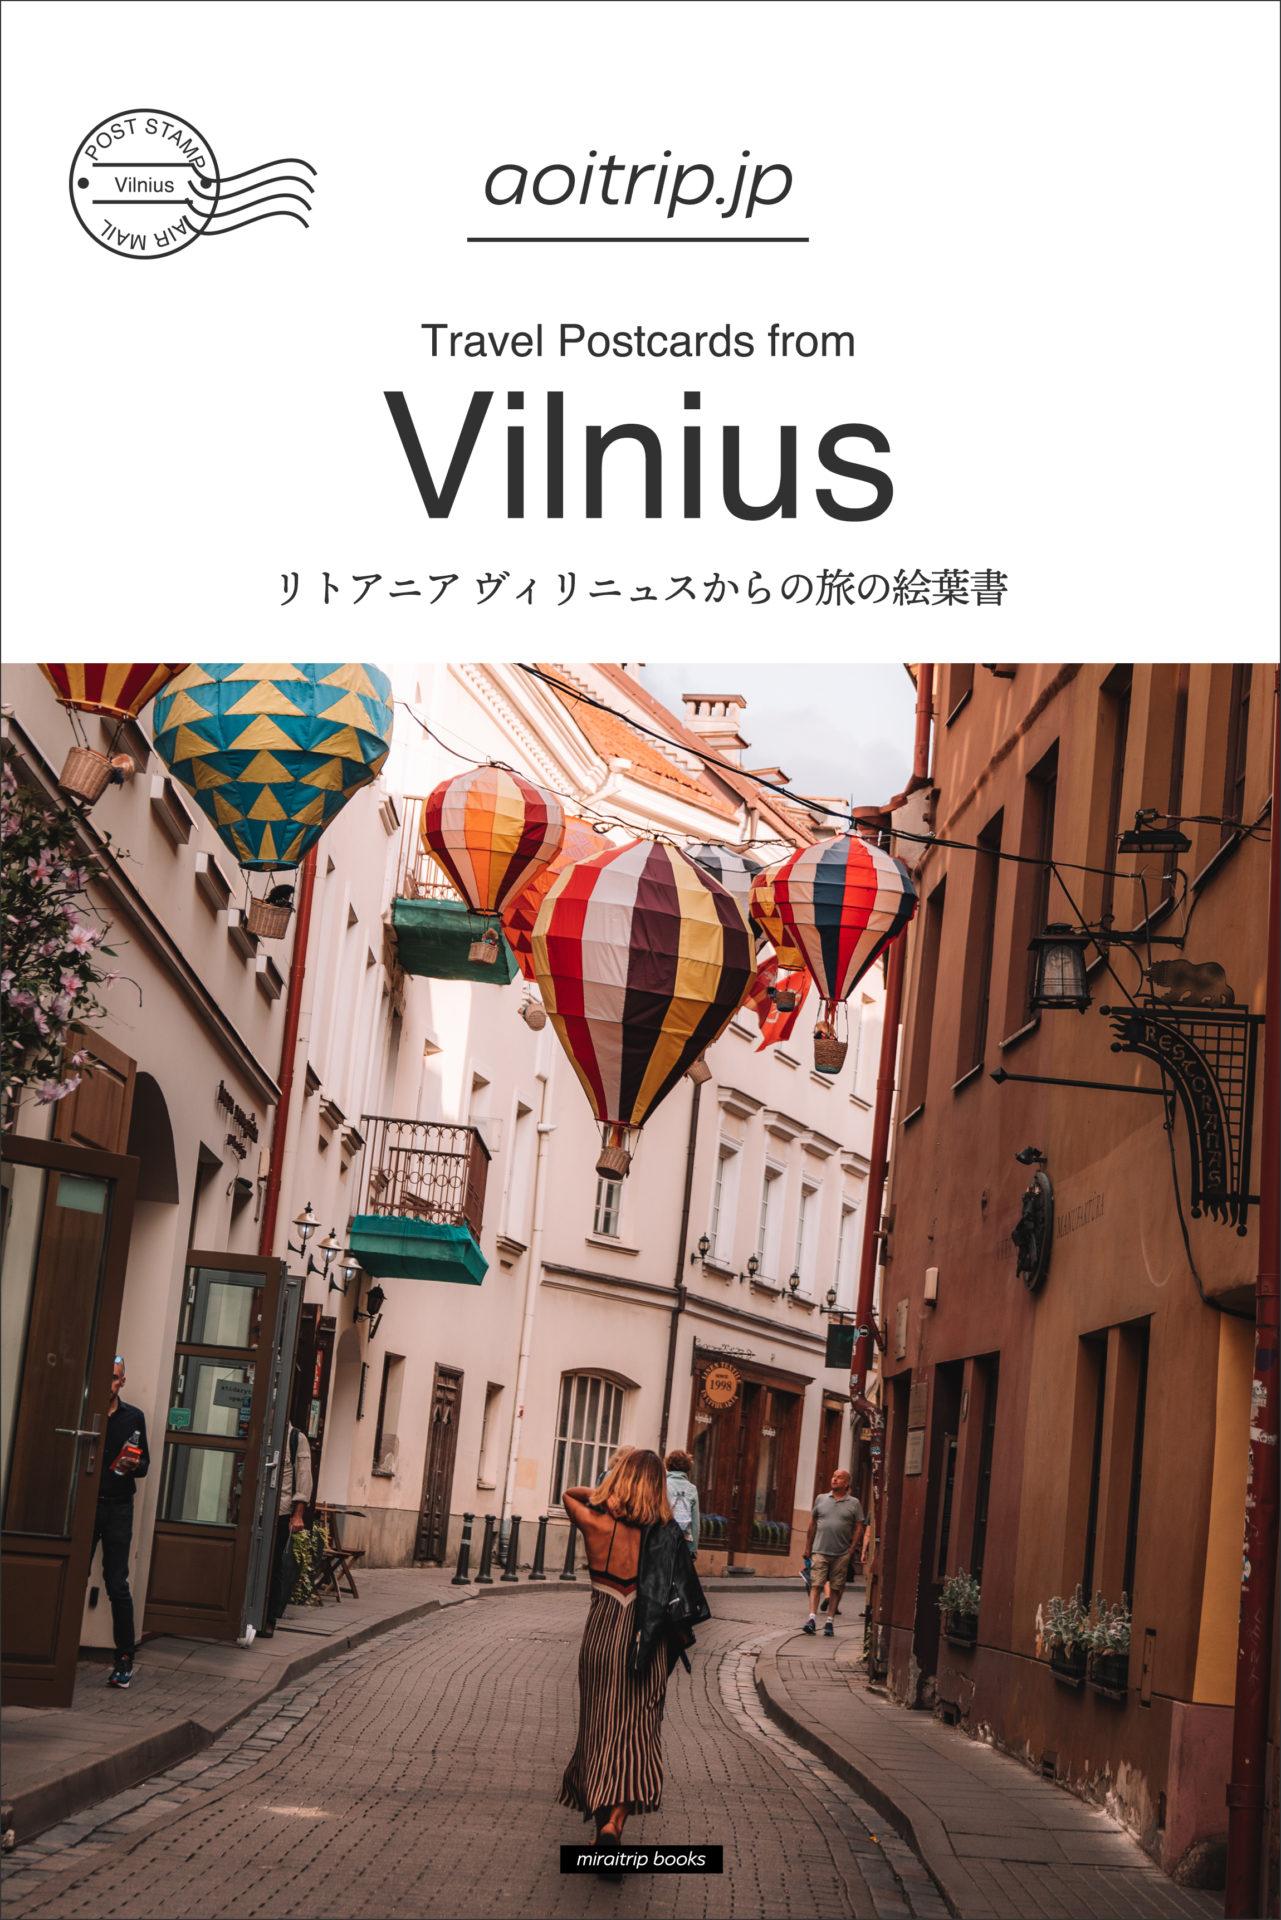 リトアニア ヴィリニュスからの旅の絵葉書 Travel Postcards from Vilnius, Lithuania